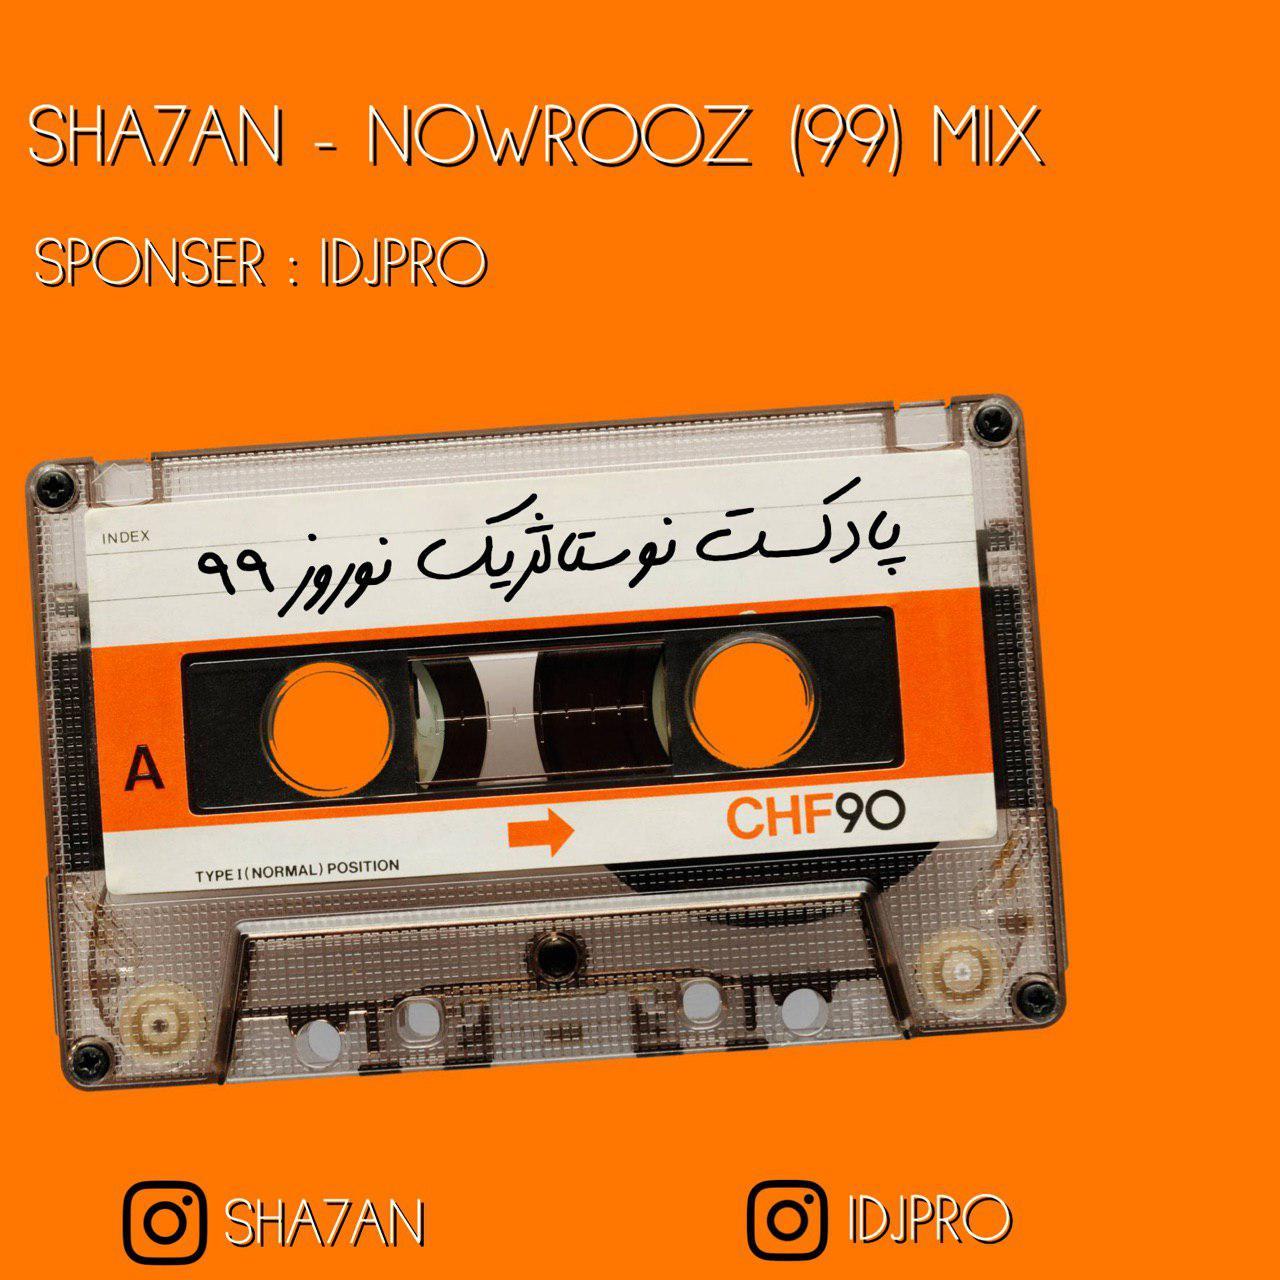 Sha7an – Nowrooz (99) Mix